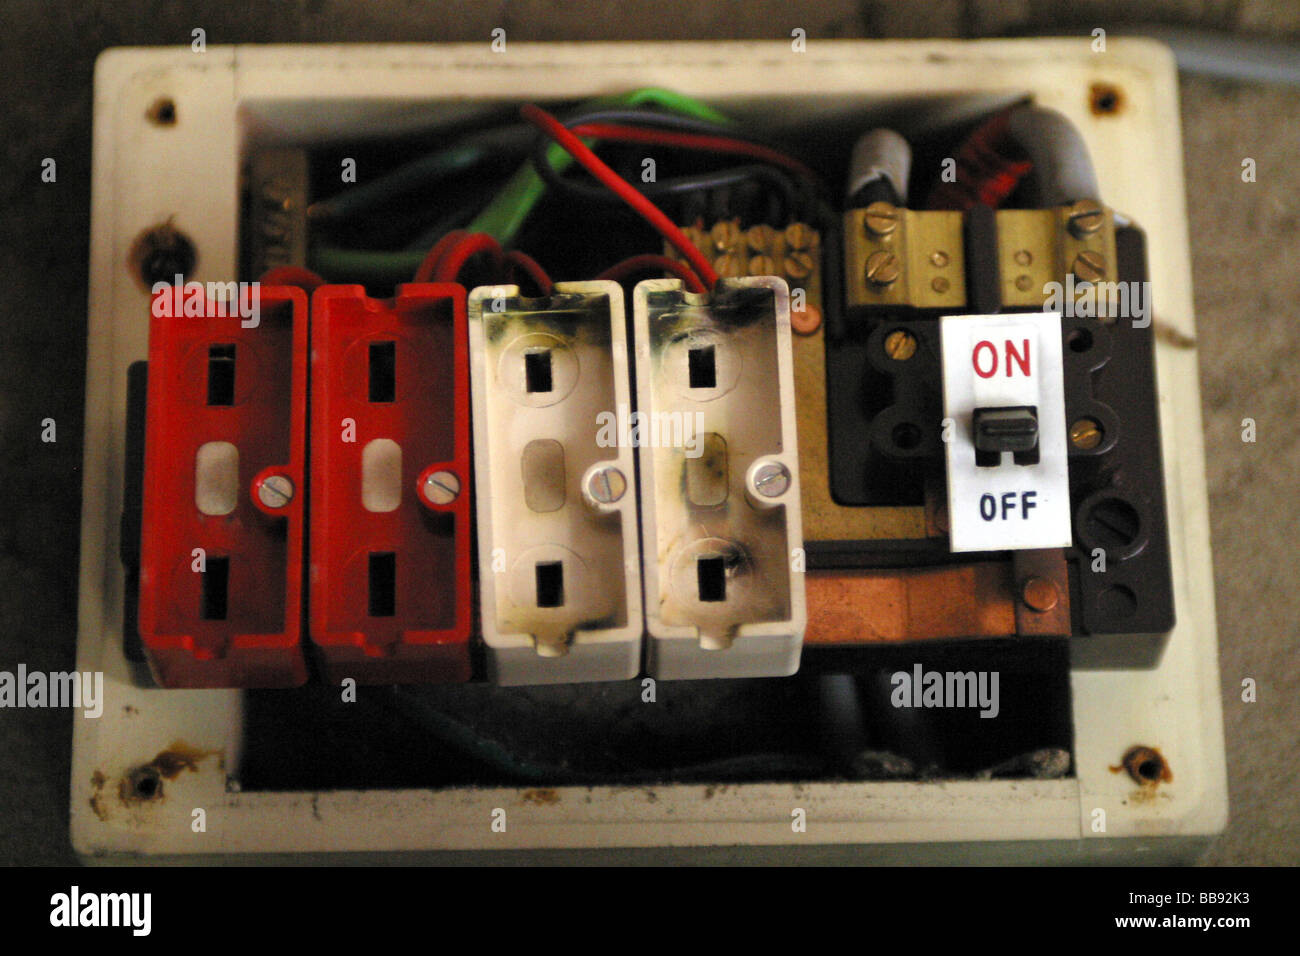 hight resolution of el viejo estilo de cable sin caja de fusibles fusibles instalados imagen de stock